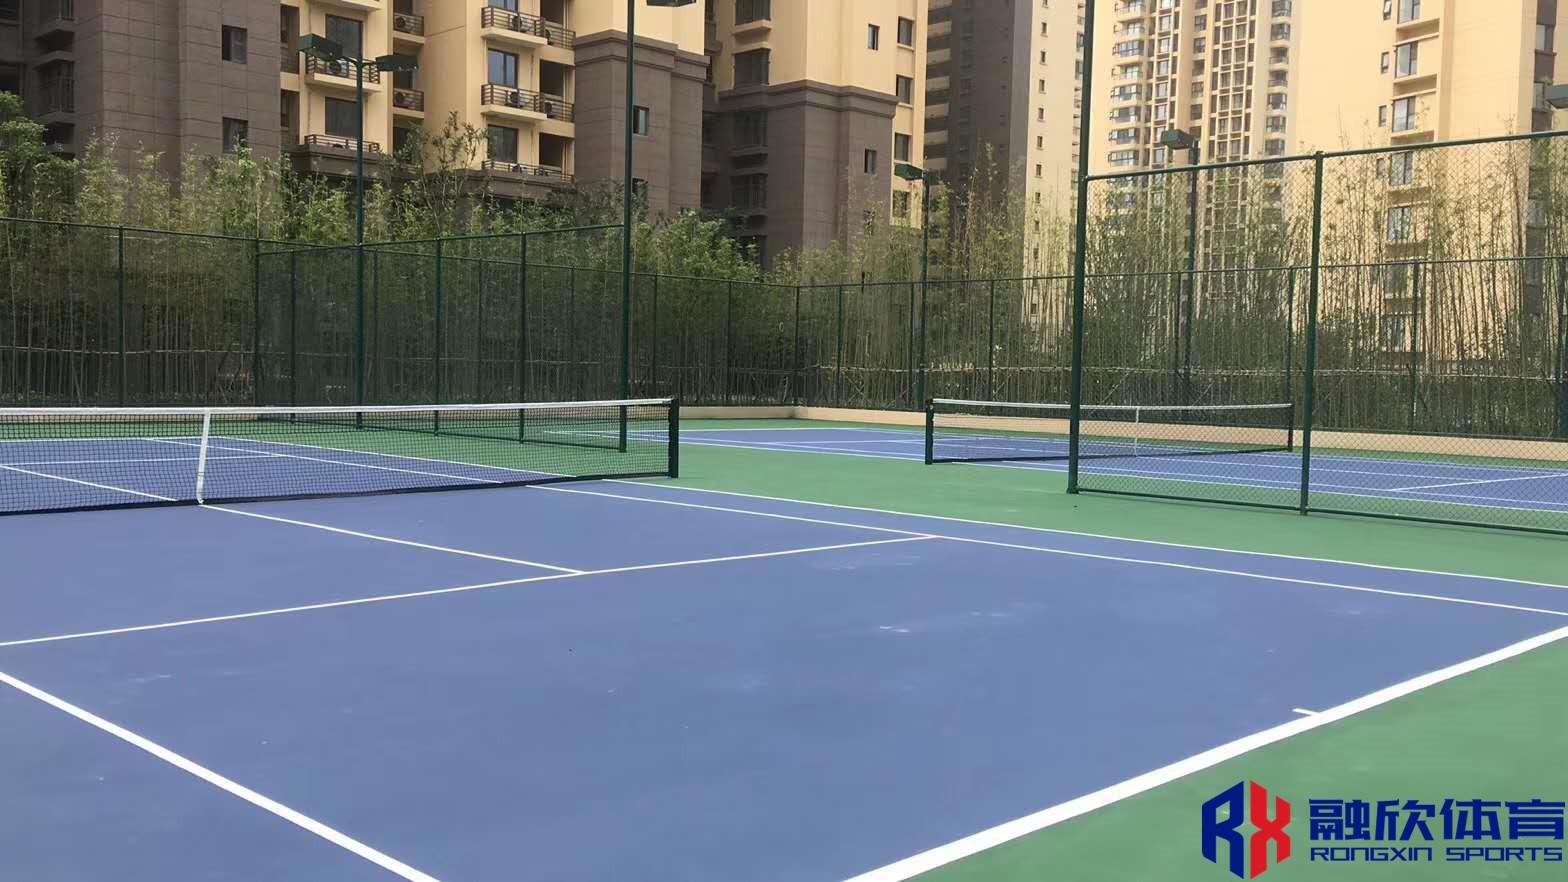 上海融欣体育设施工程有限公司.jpg